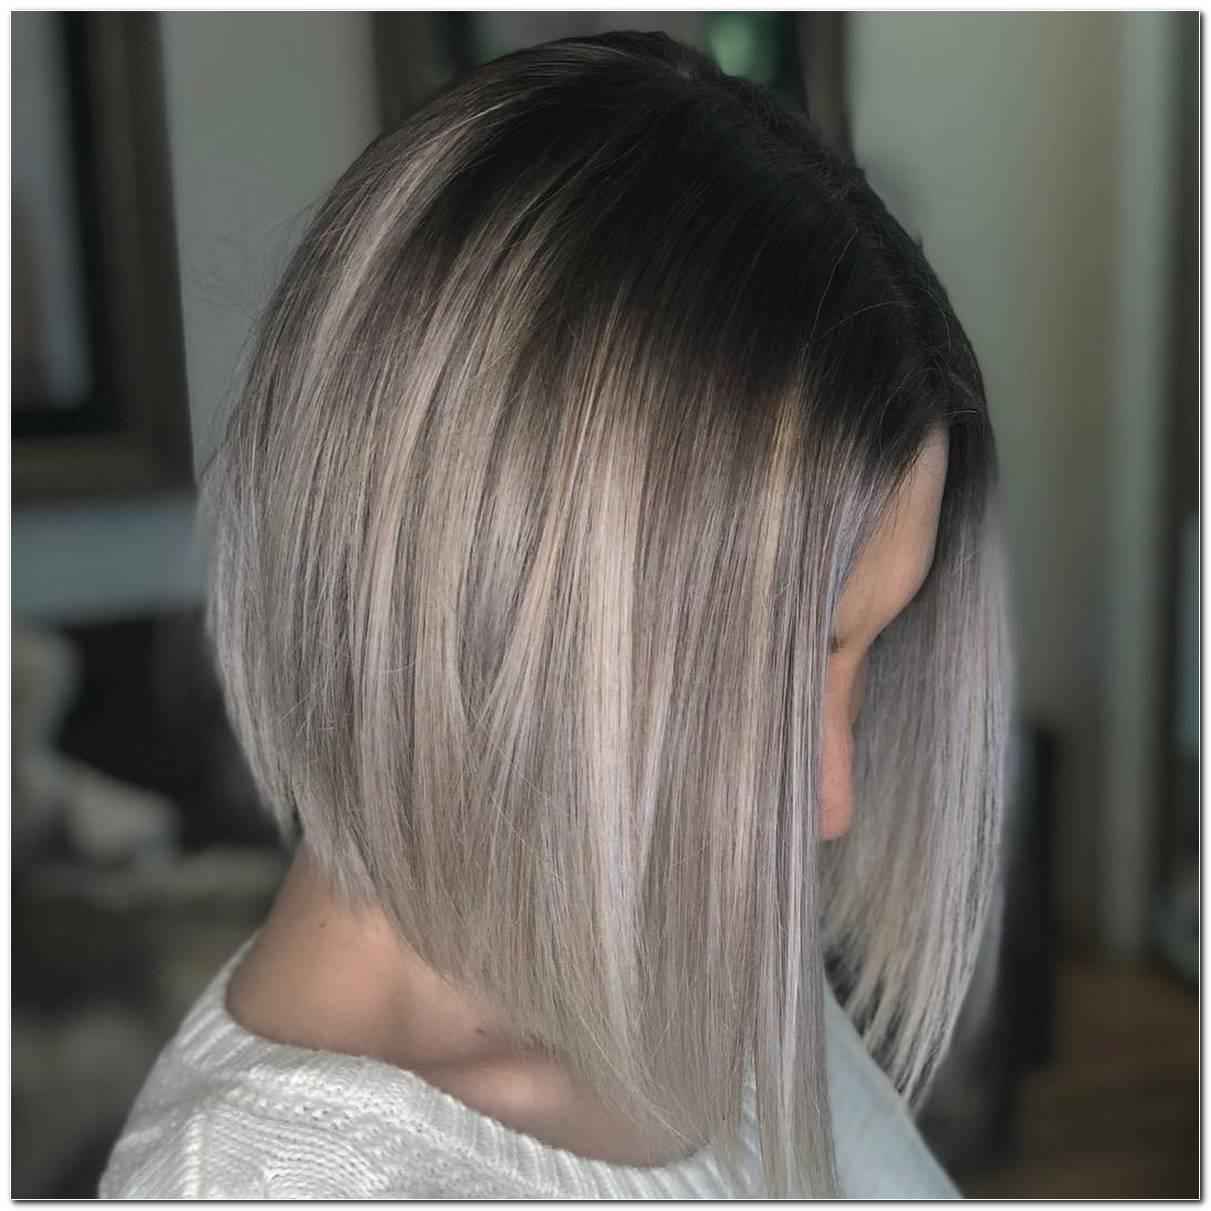 Damen Frisuren 2019